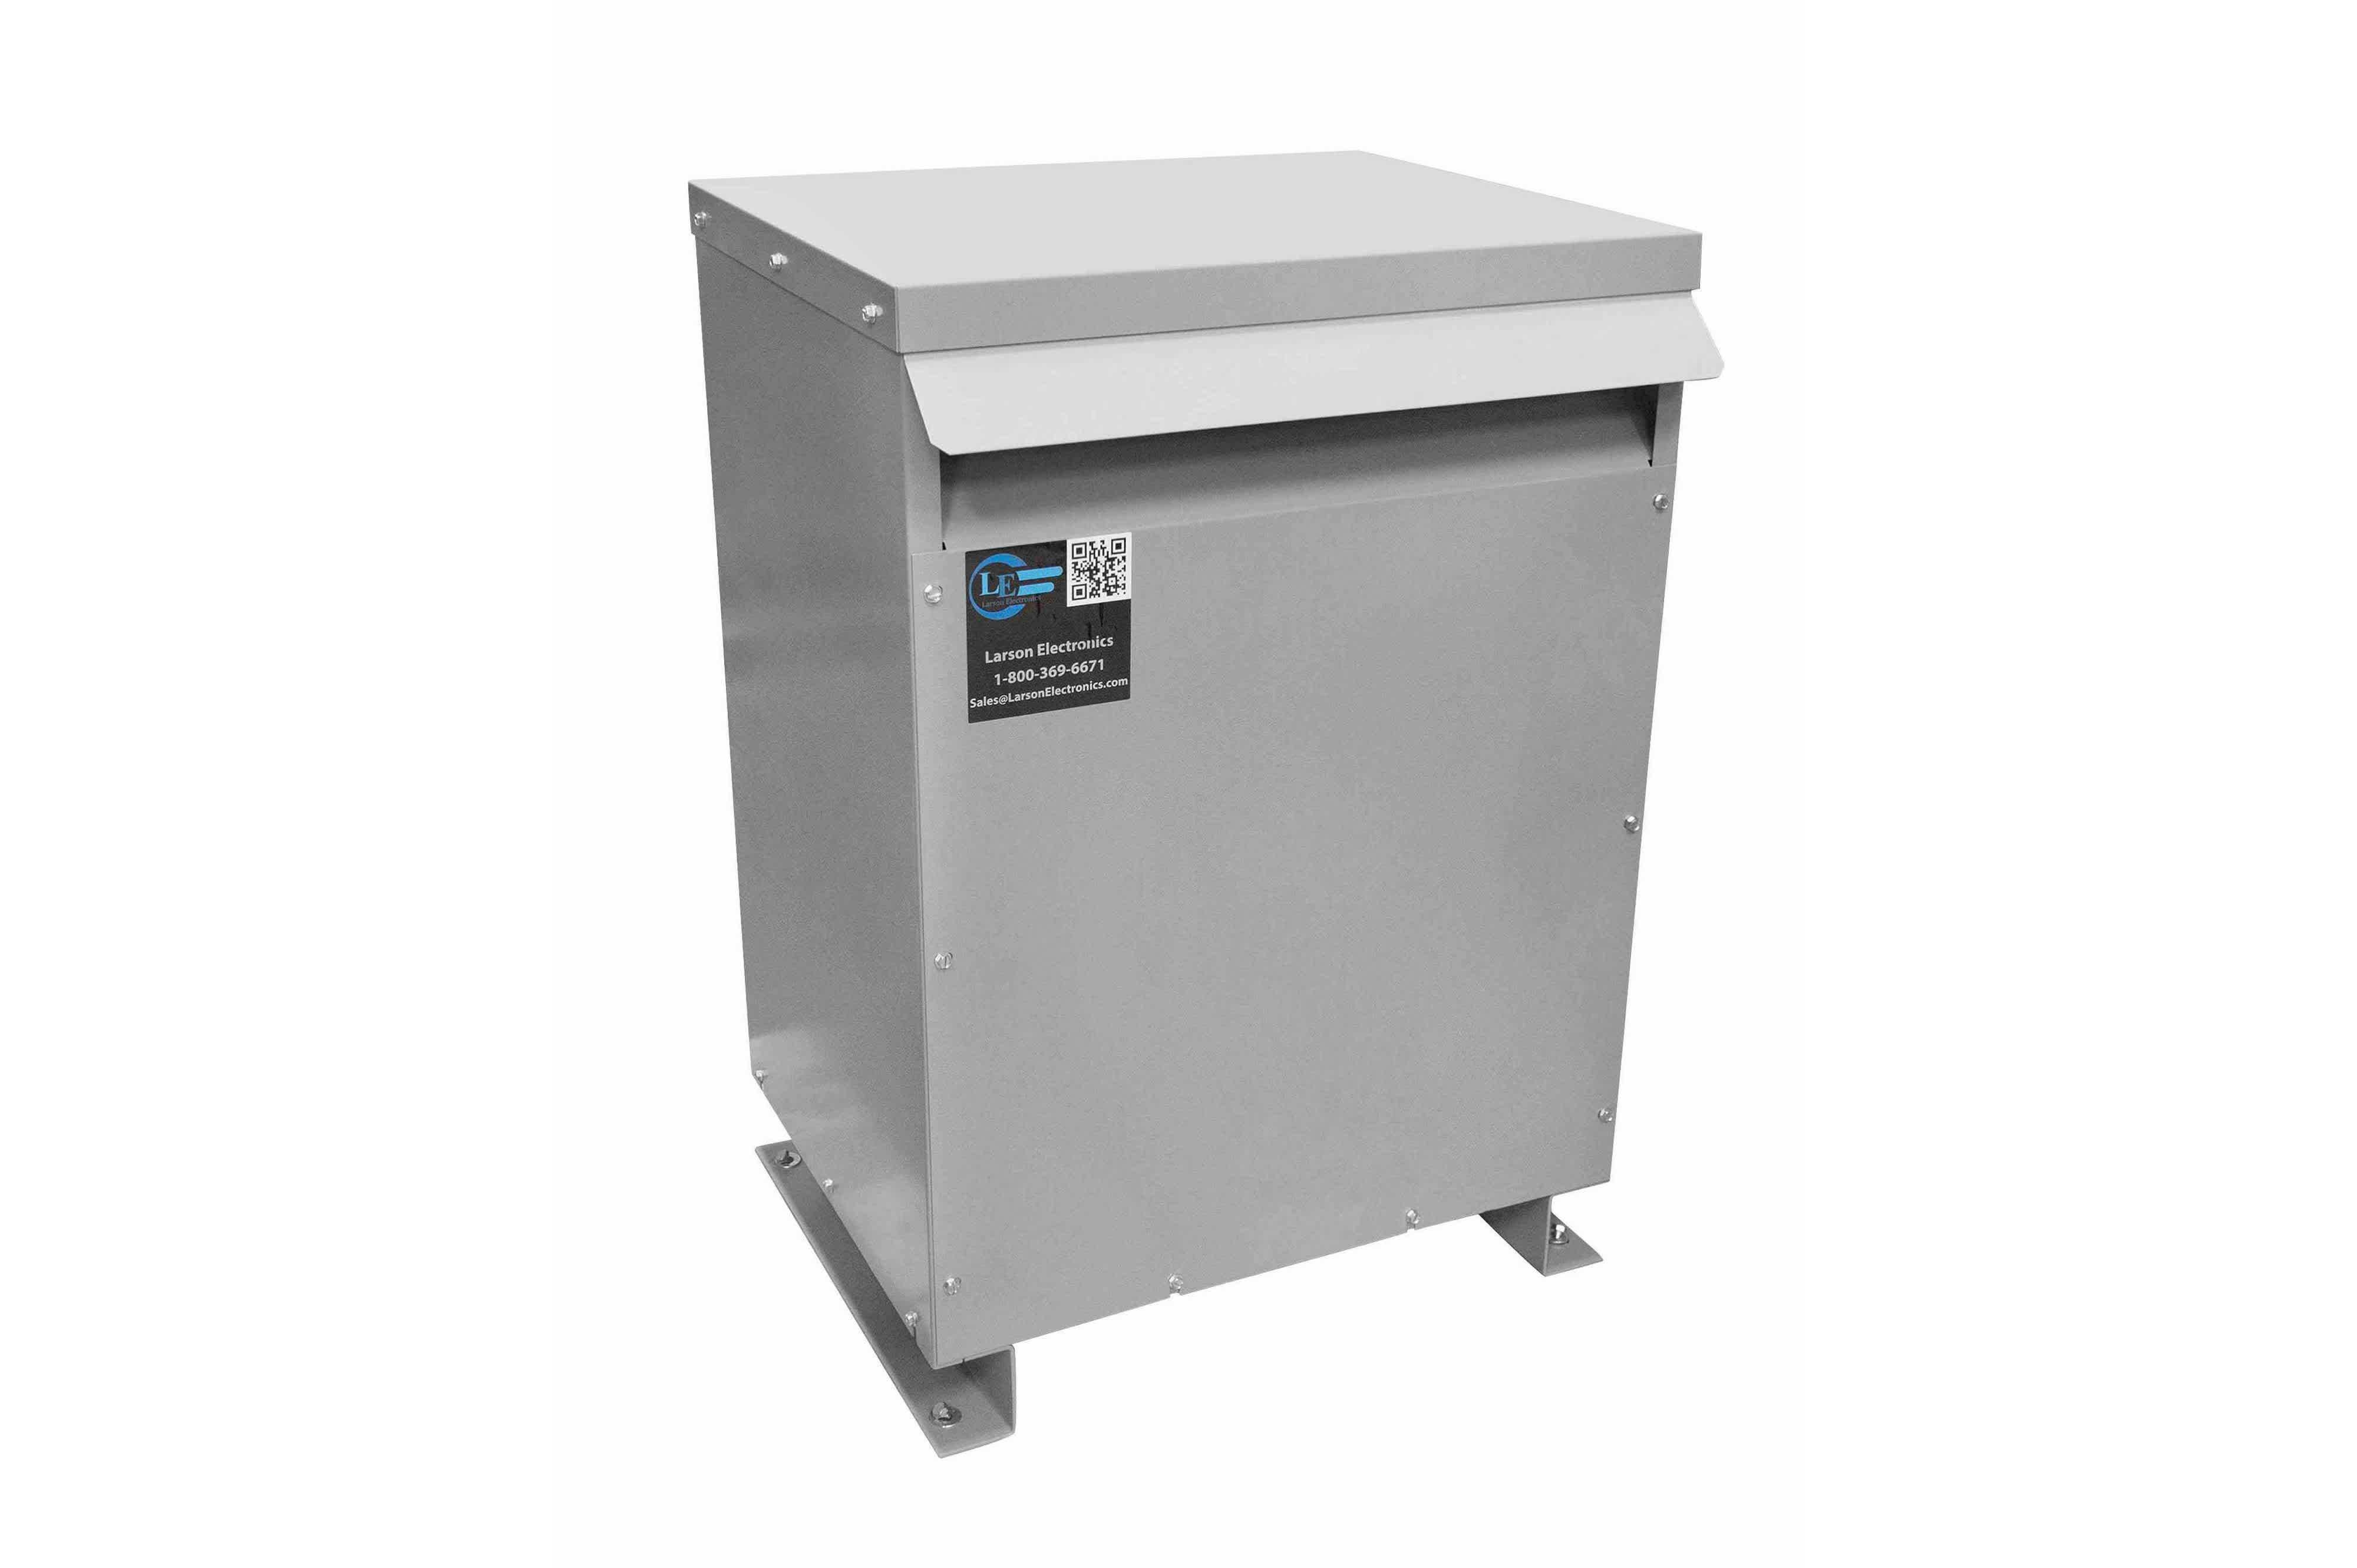 20 kVA 3PH Isolation Transformer, 600V Delta Primary, 208V Delta Secondary, N3R, Ventilated, 60 Hz